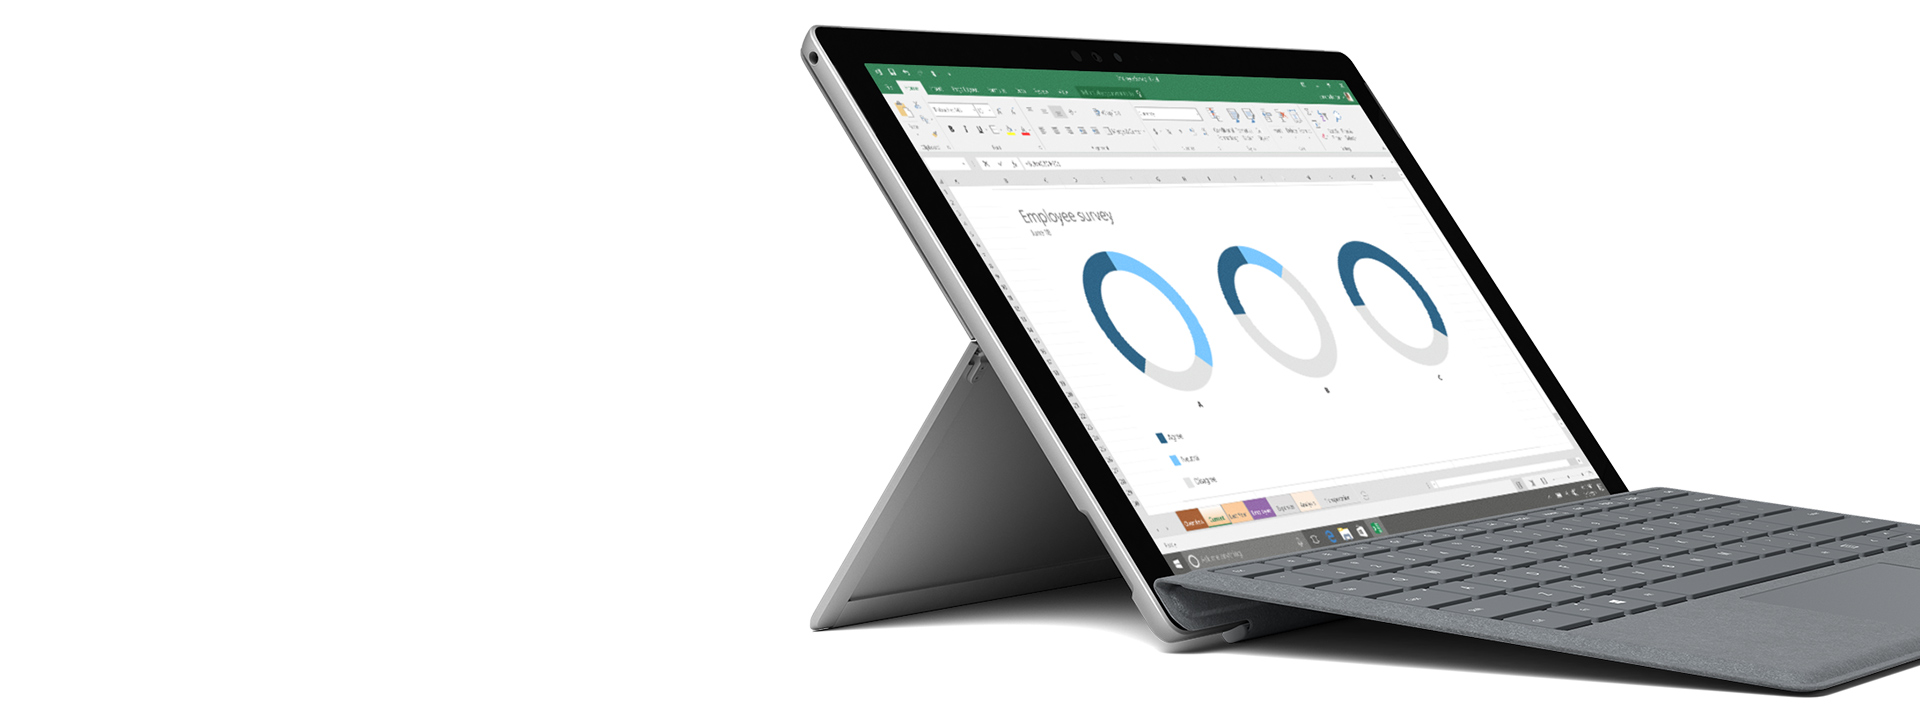 อุปกรณ์ Surface ปรากฏพร้อมภาพหน้าจอ Windows/Office